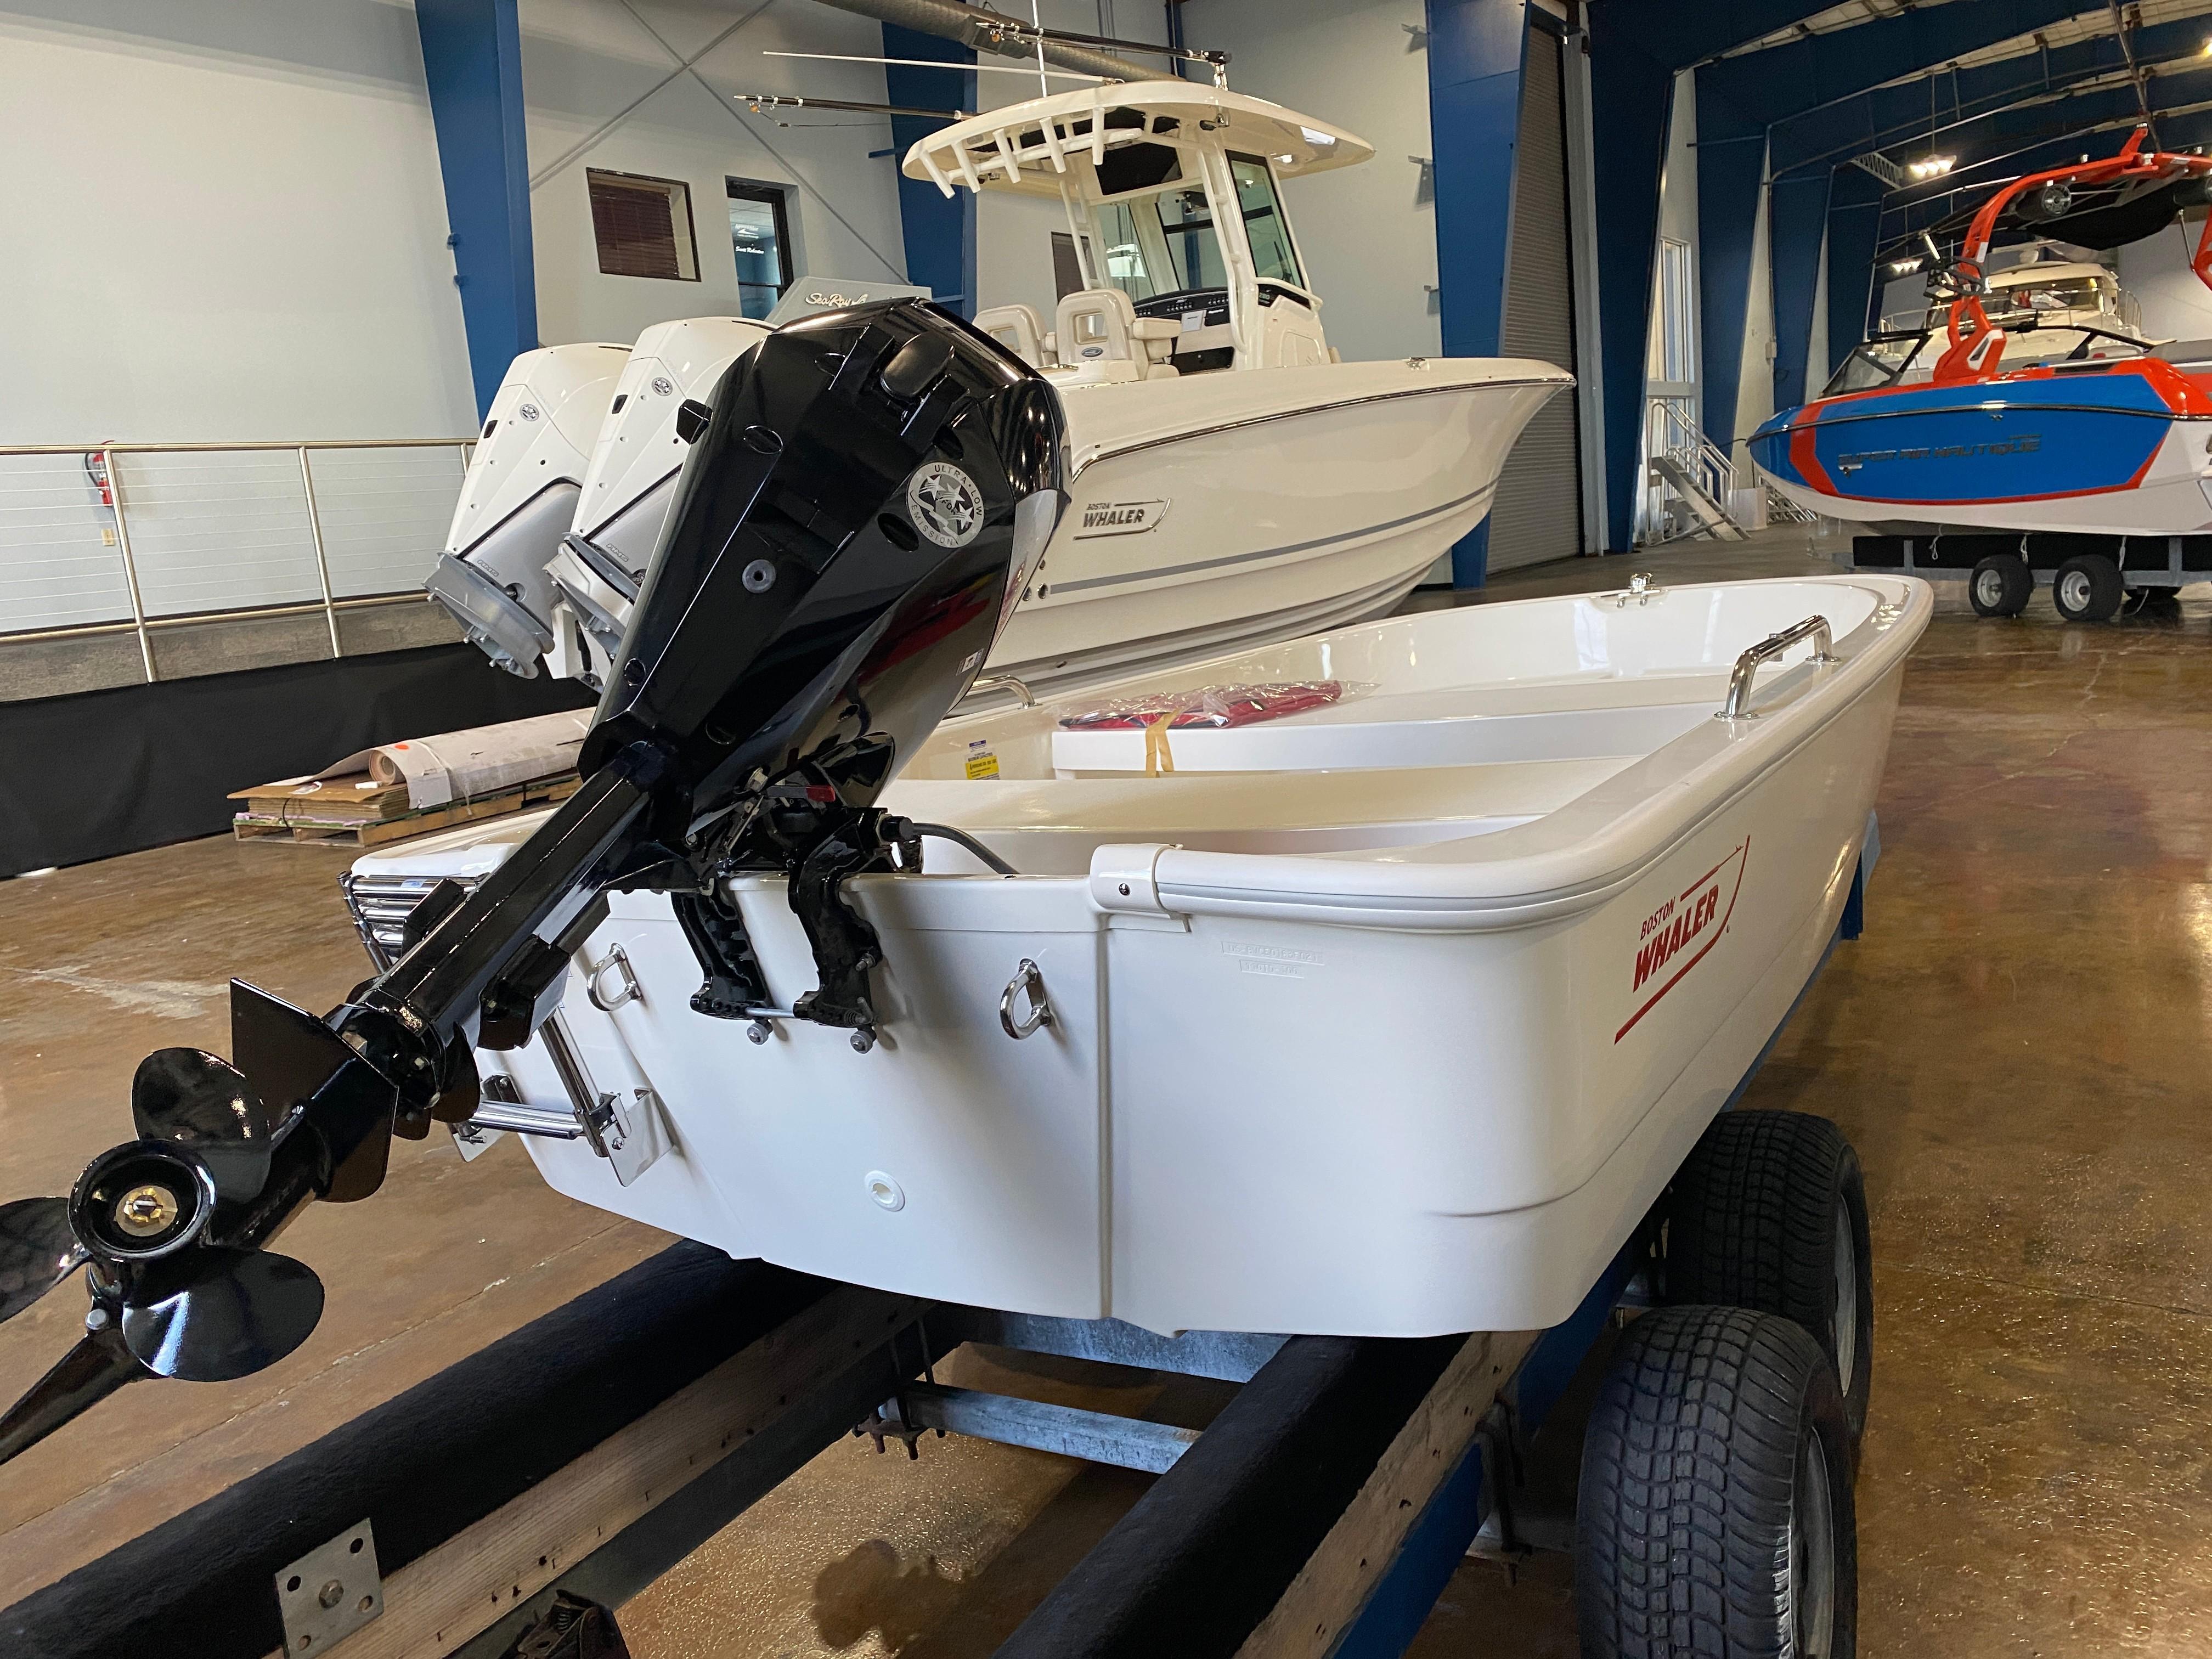 2021 Boston Whaler                                                              110 Tender Image Thumbnail #5